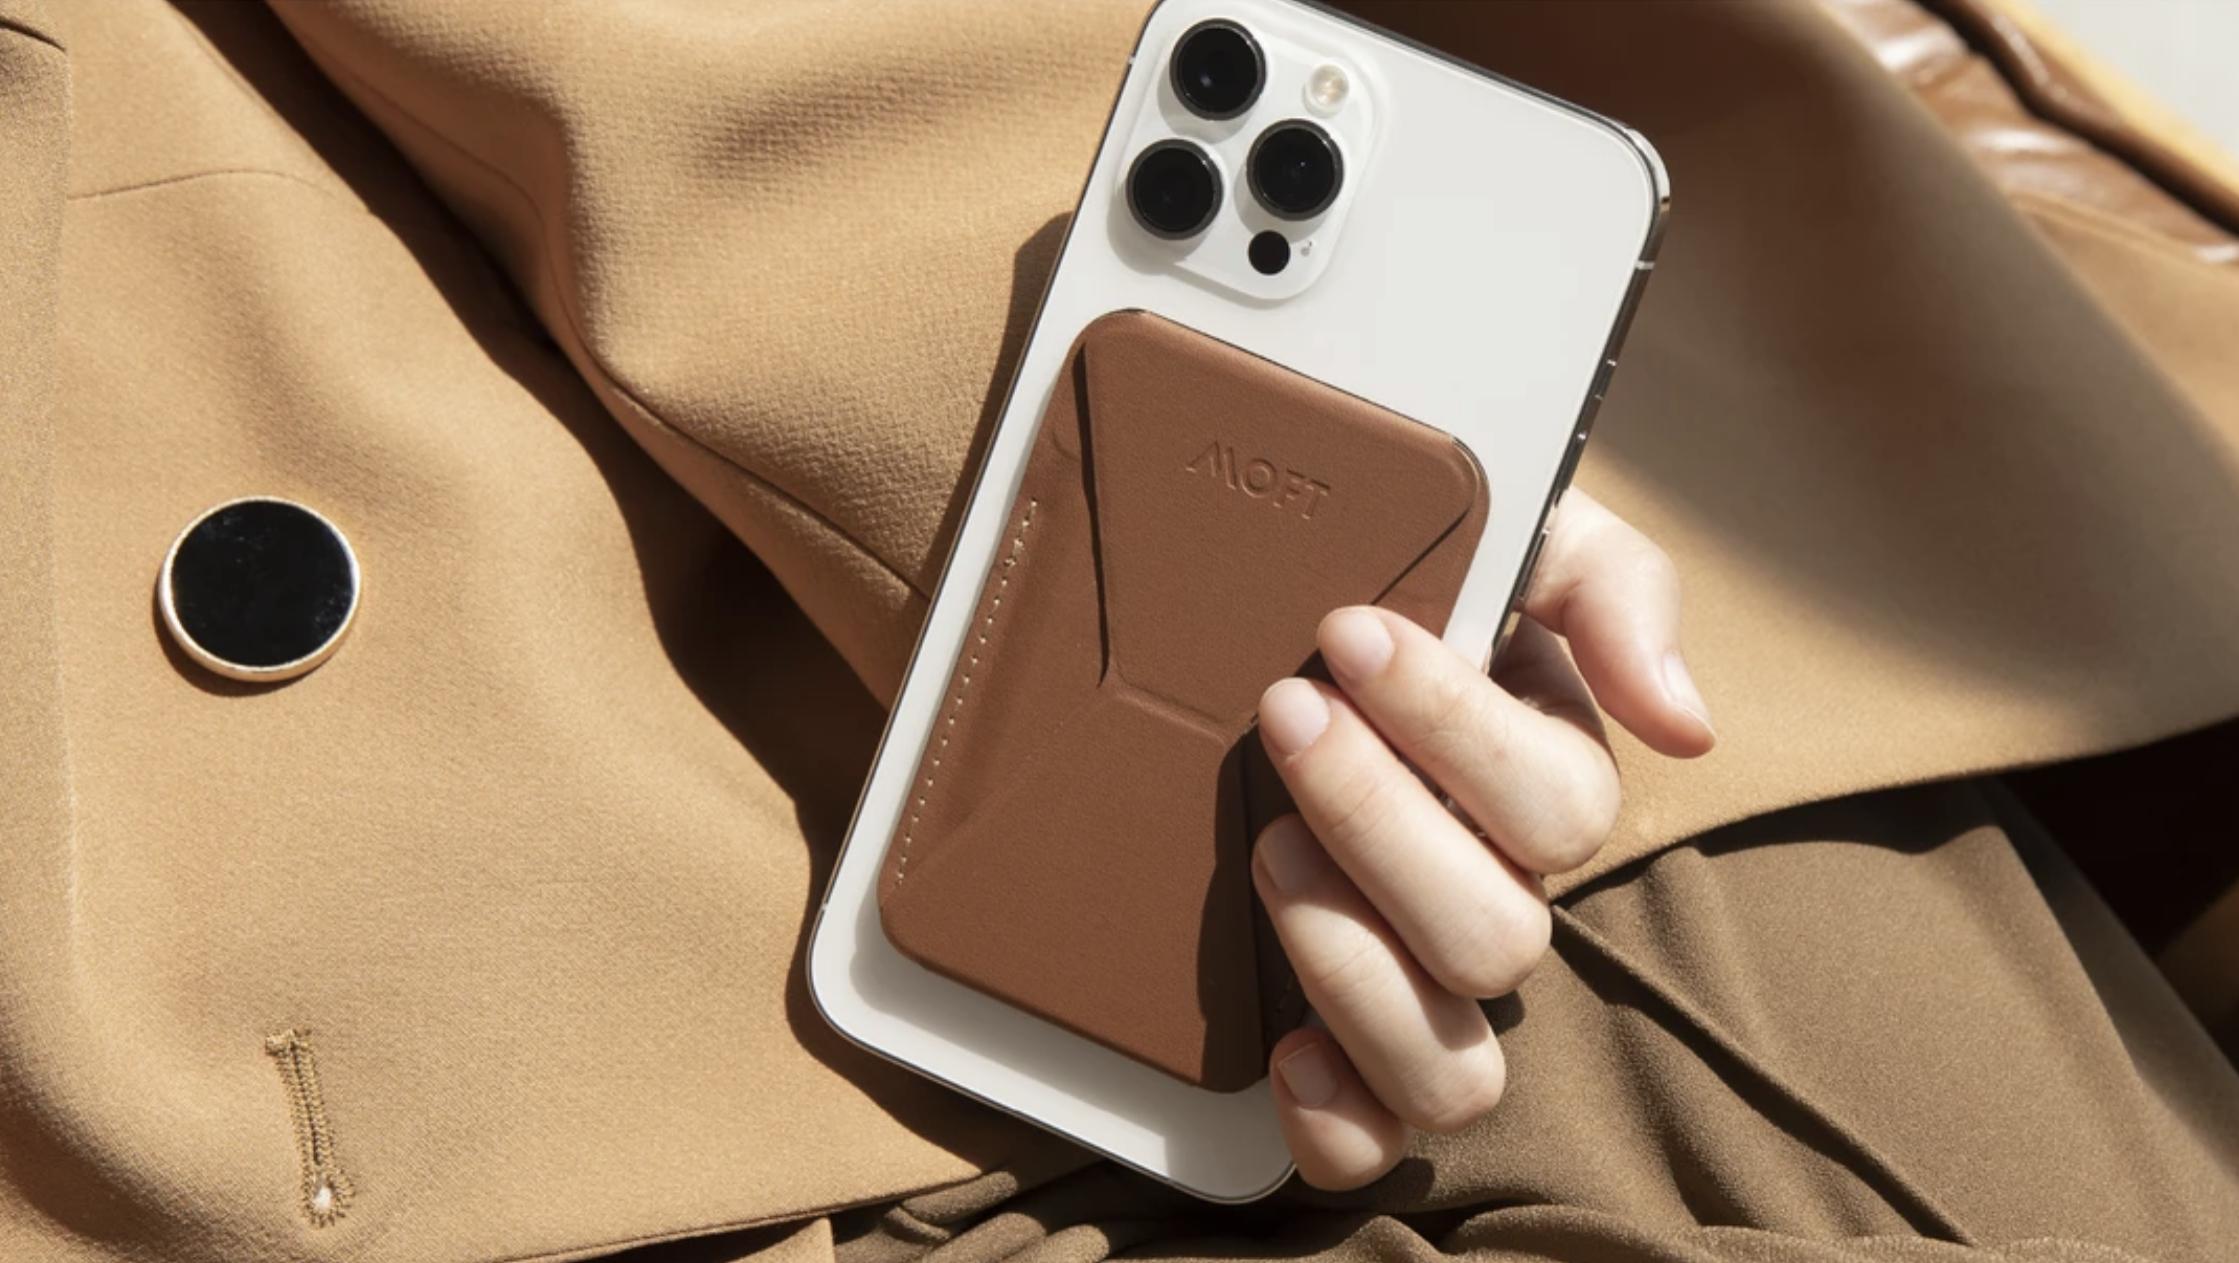 MOFT wallet pour iPhone 12 (MagSafe): mon avis